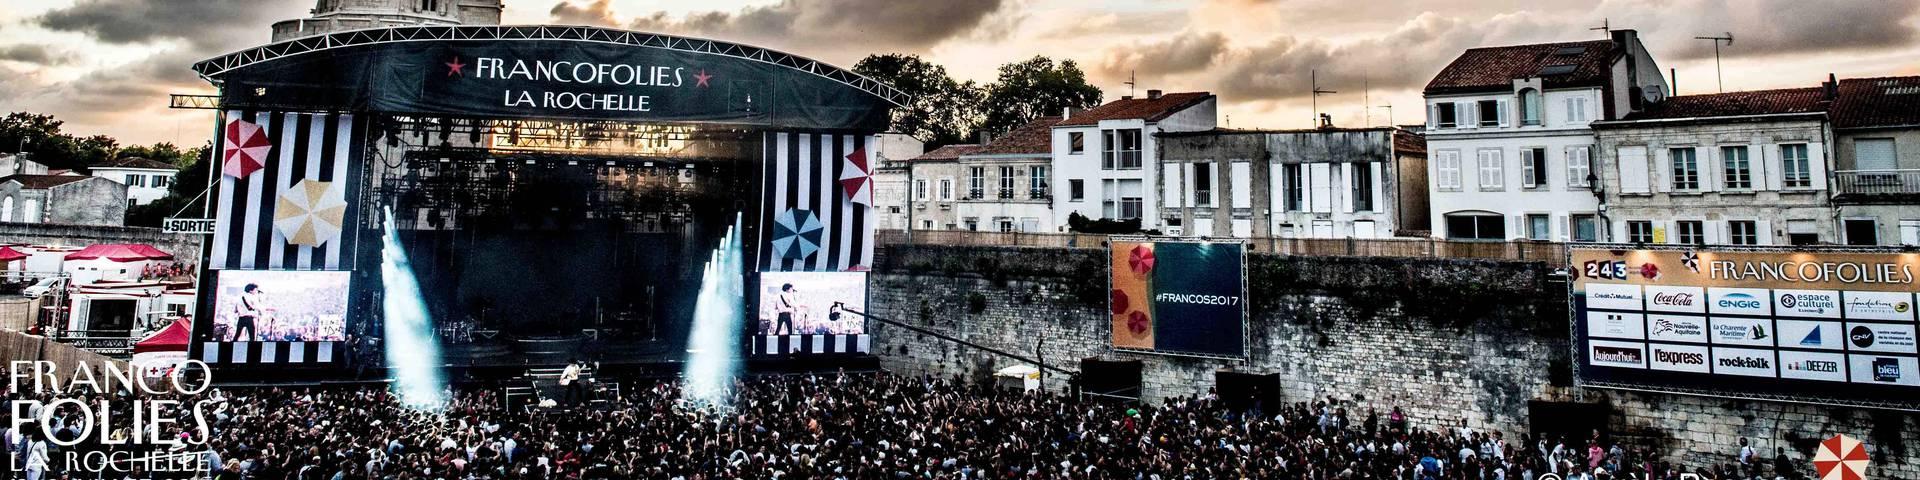 ©Les Francofolies de La Rochelle